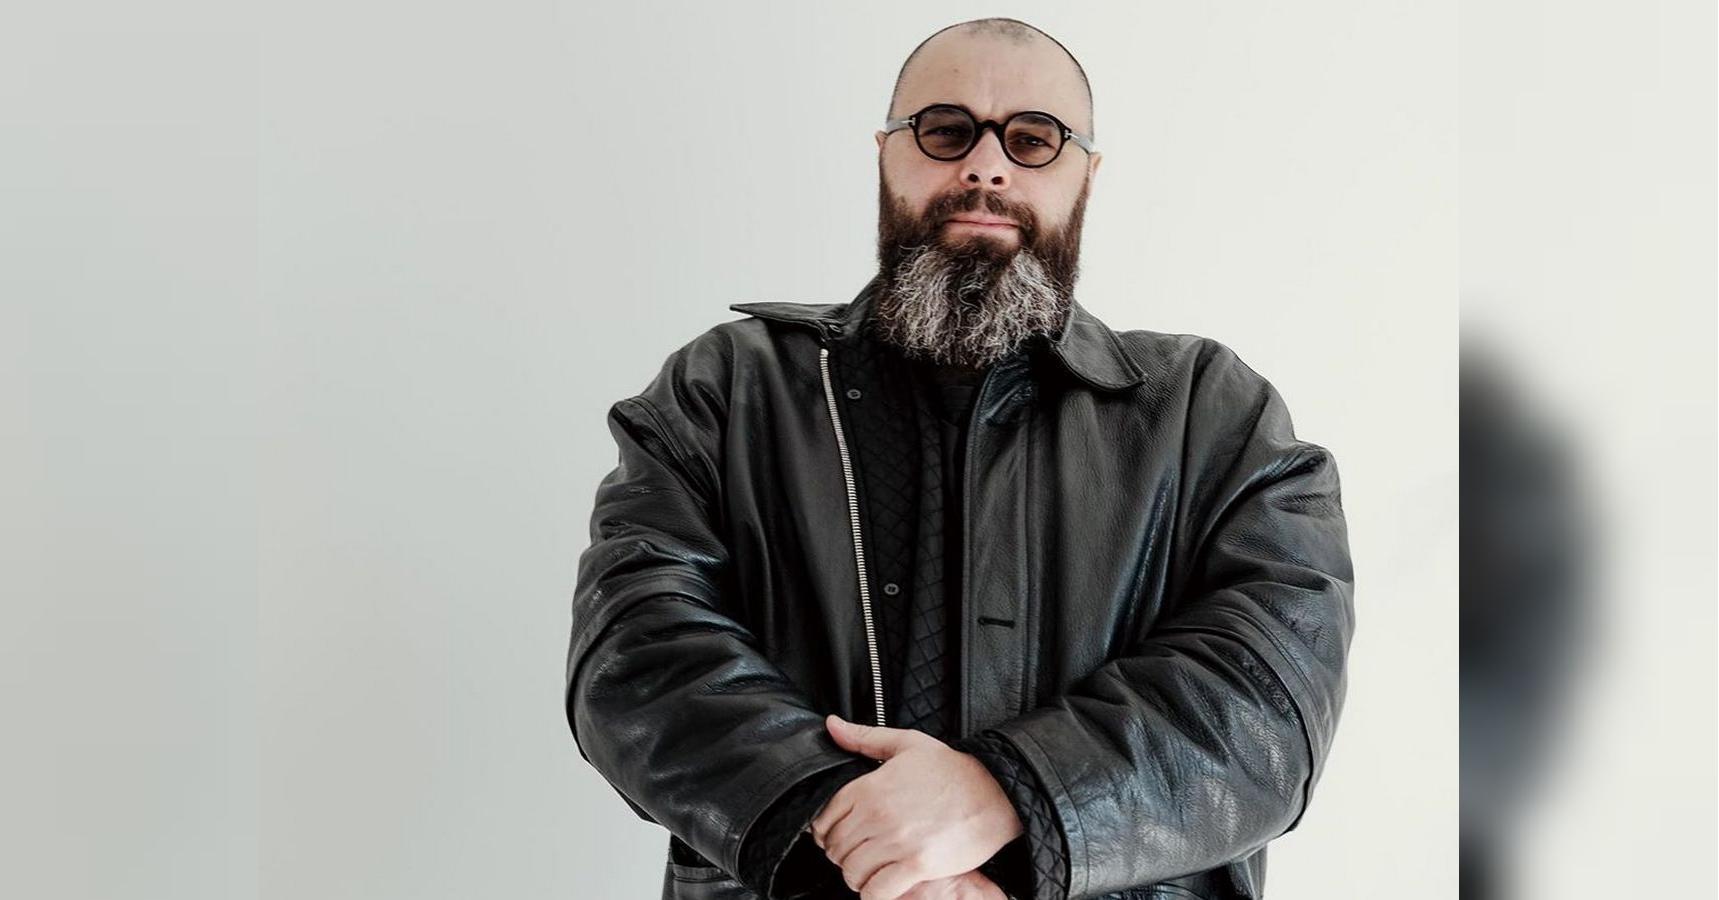 Заморская вилла Максима Фадеева: где живёт известный продюсер [дизайн дома] - Интерьер